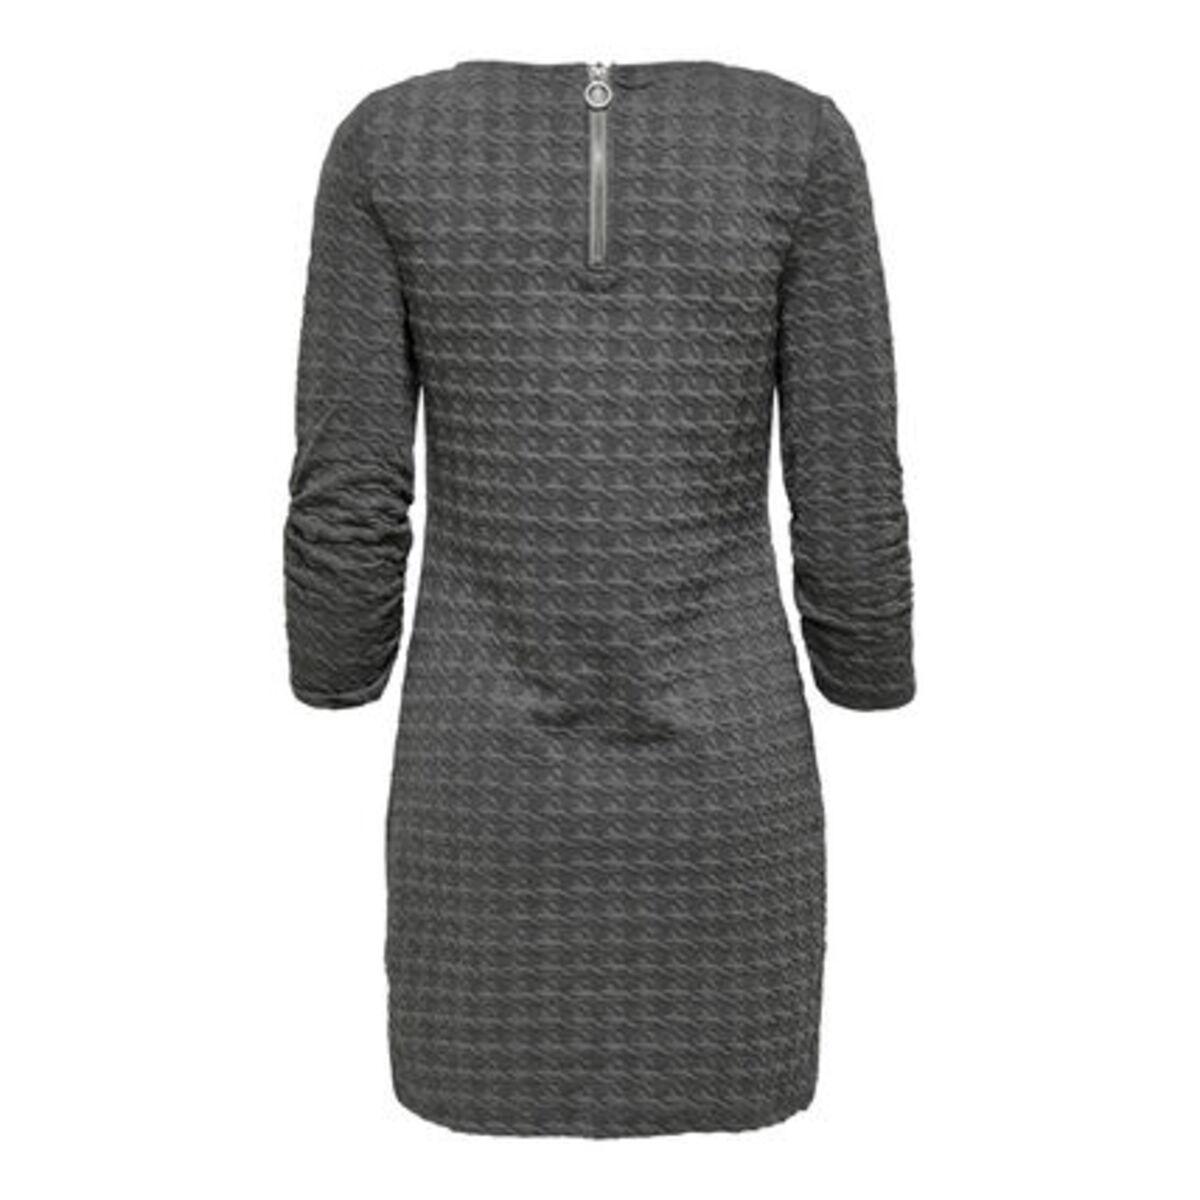 Bild 2 von Only Damen Kleid mit Strukturmuster